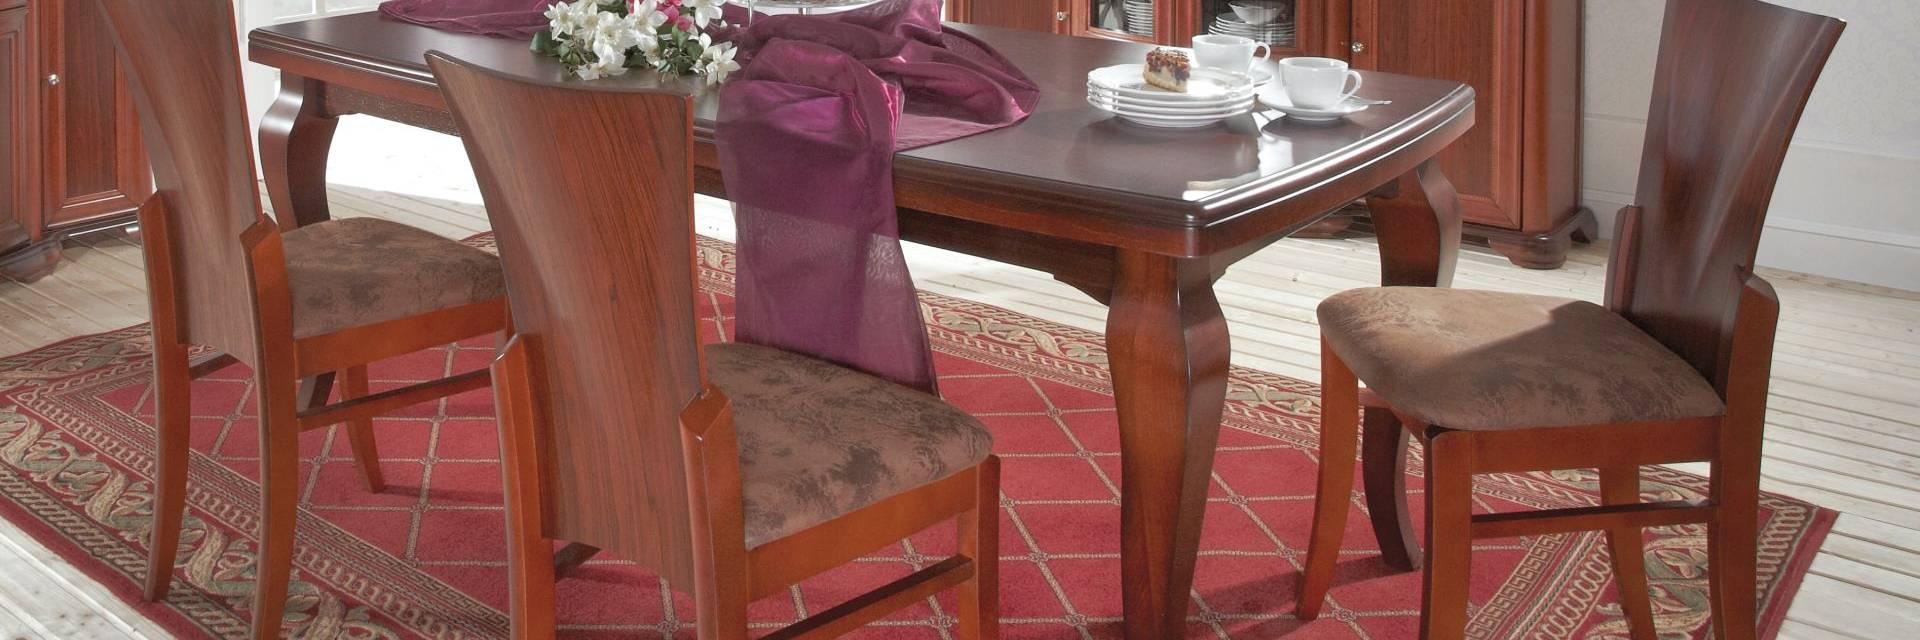 Kolekcja Mebli Diament do Salonu z Litego Drewna